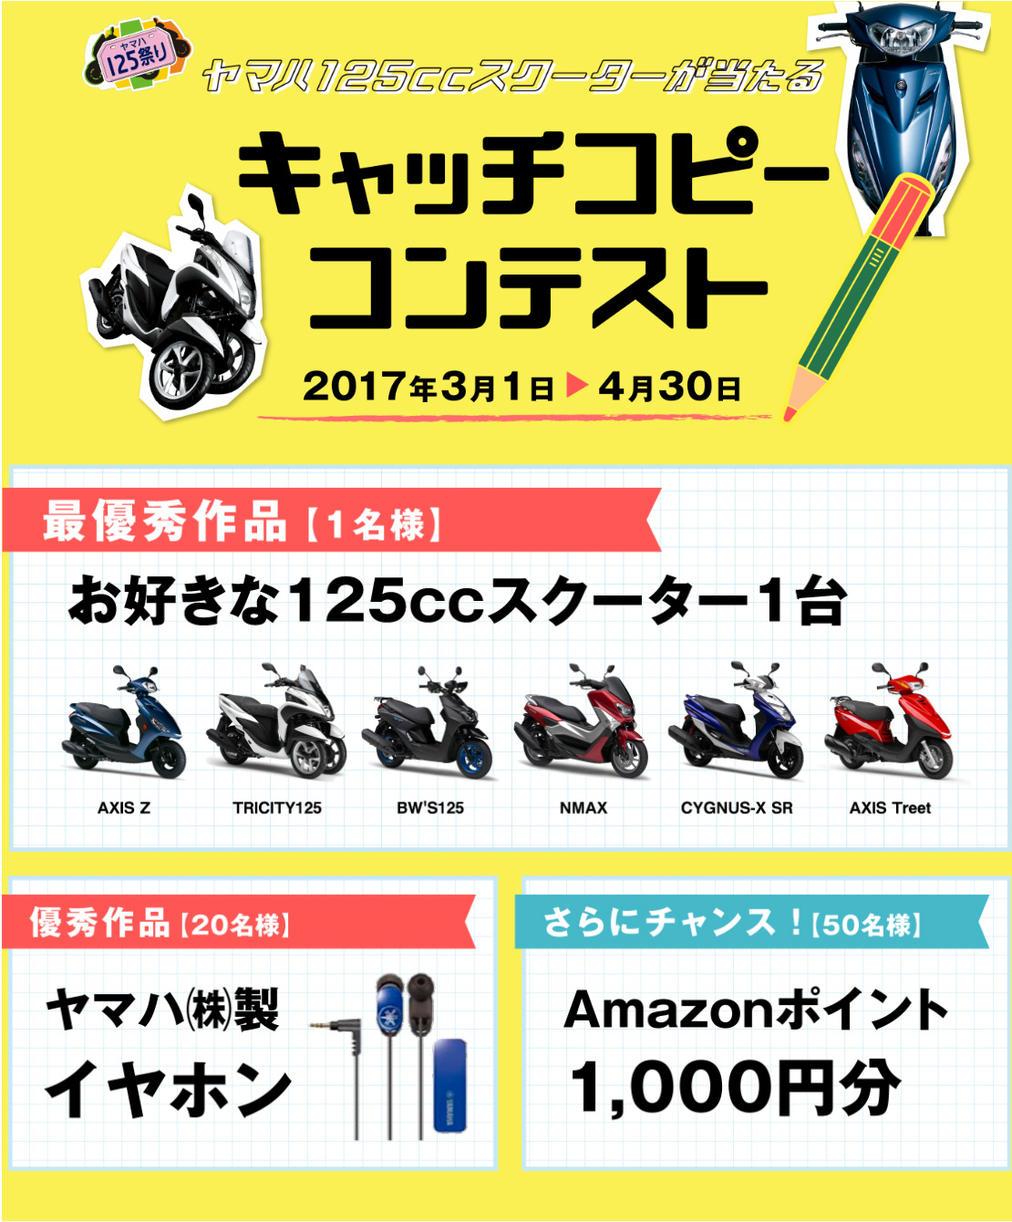 ヤマハ125ccキャッチコピーコンテスト